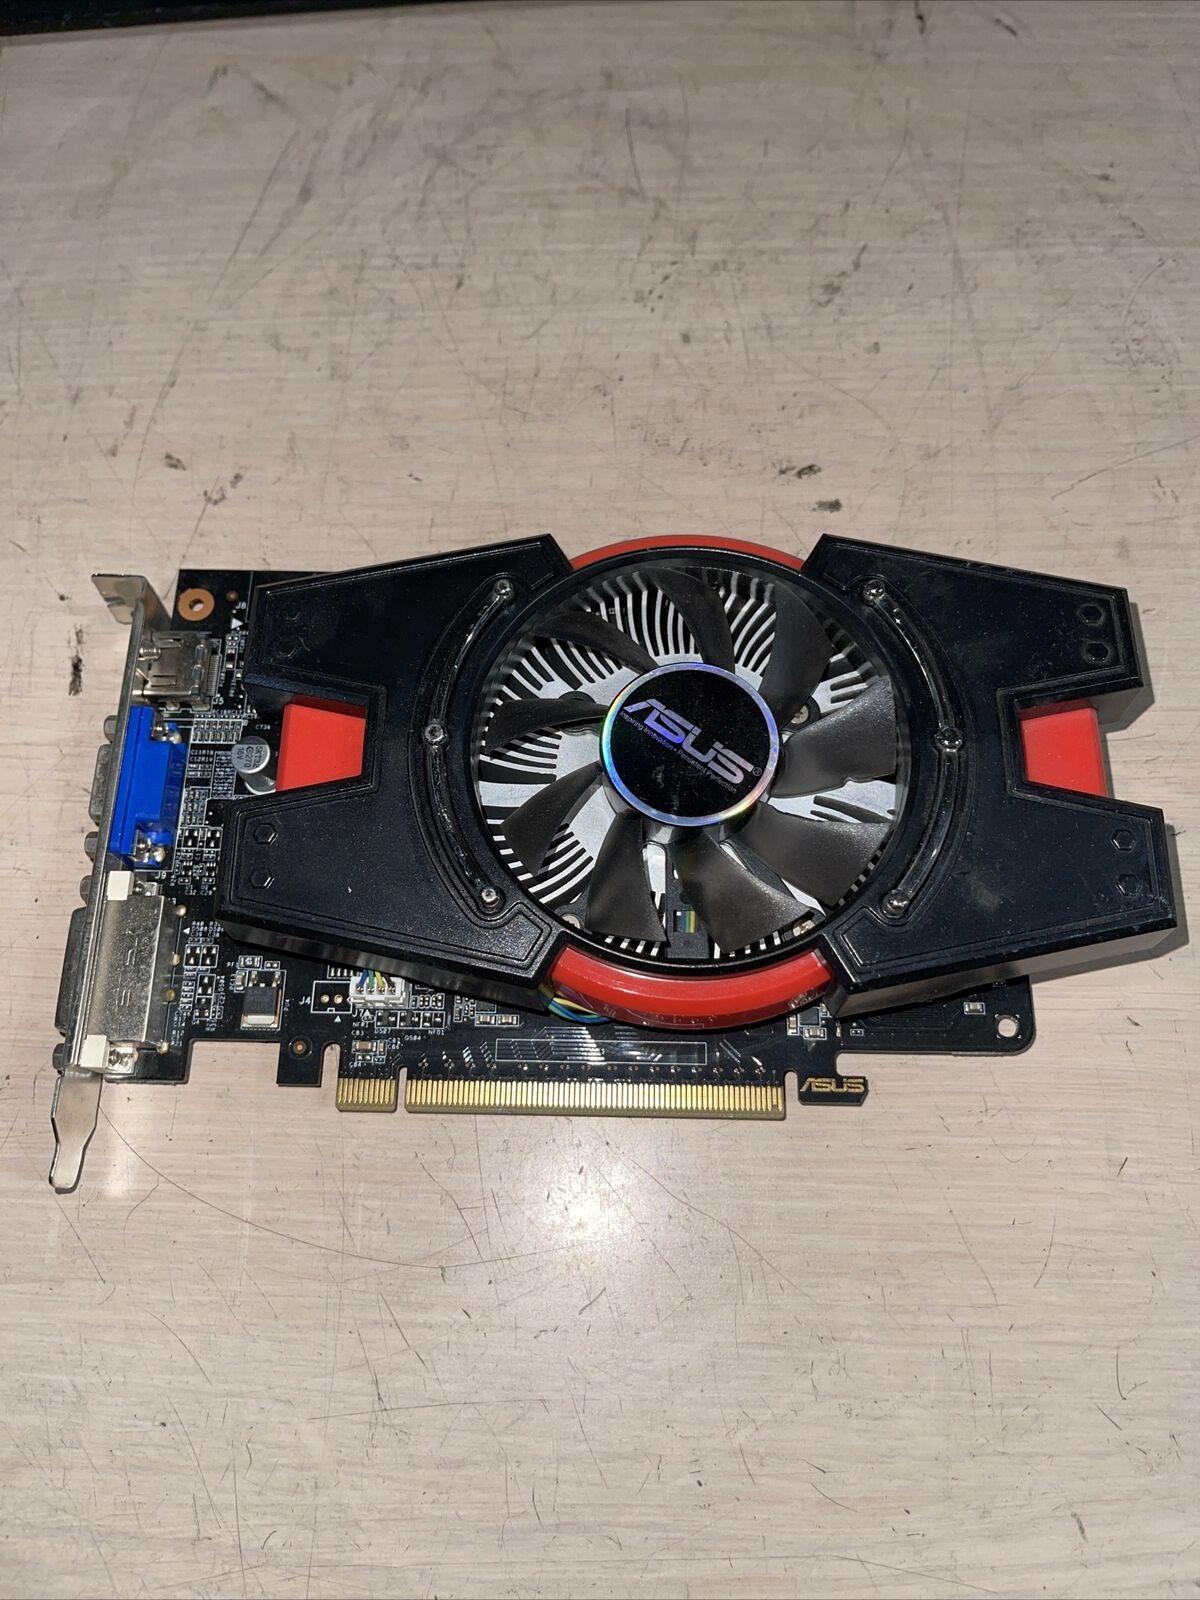 エイスース Nvidia GeForce GTX 650 2GB GDDR 5 グラフィックカード